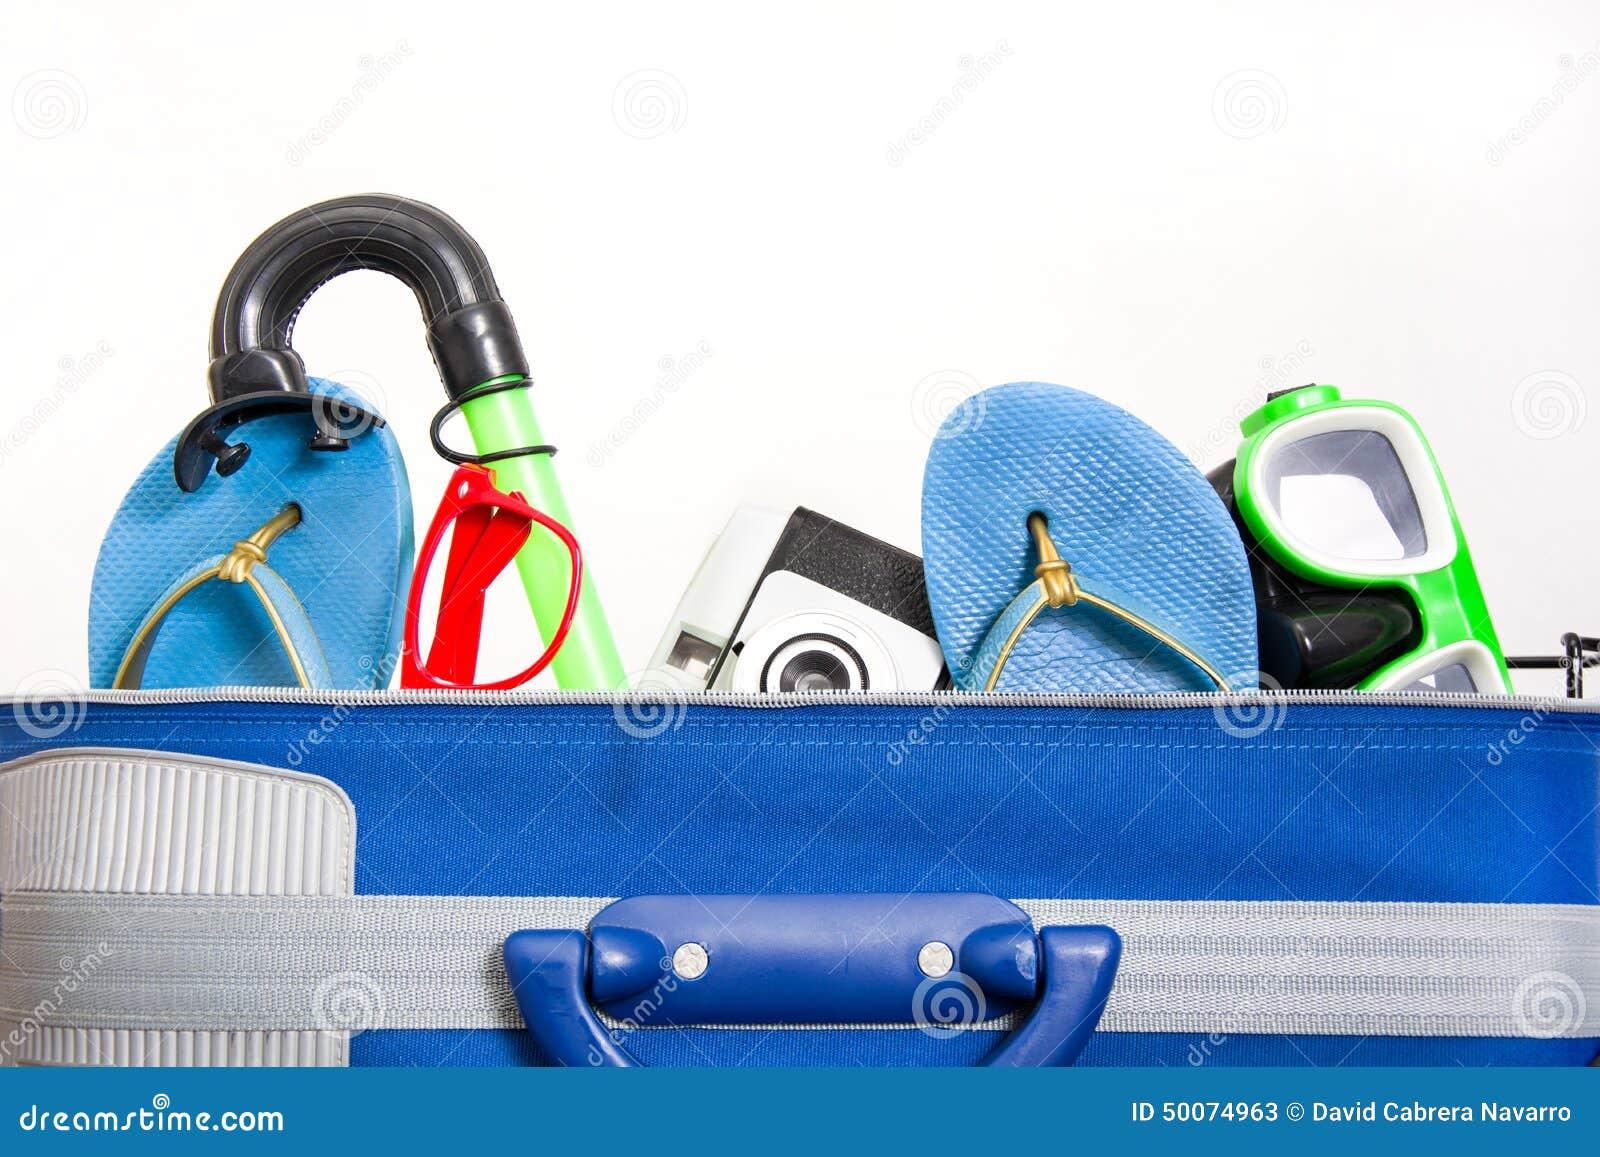 Беги паковать чемоданы скачать чемоданы с бьюти кейсом купить